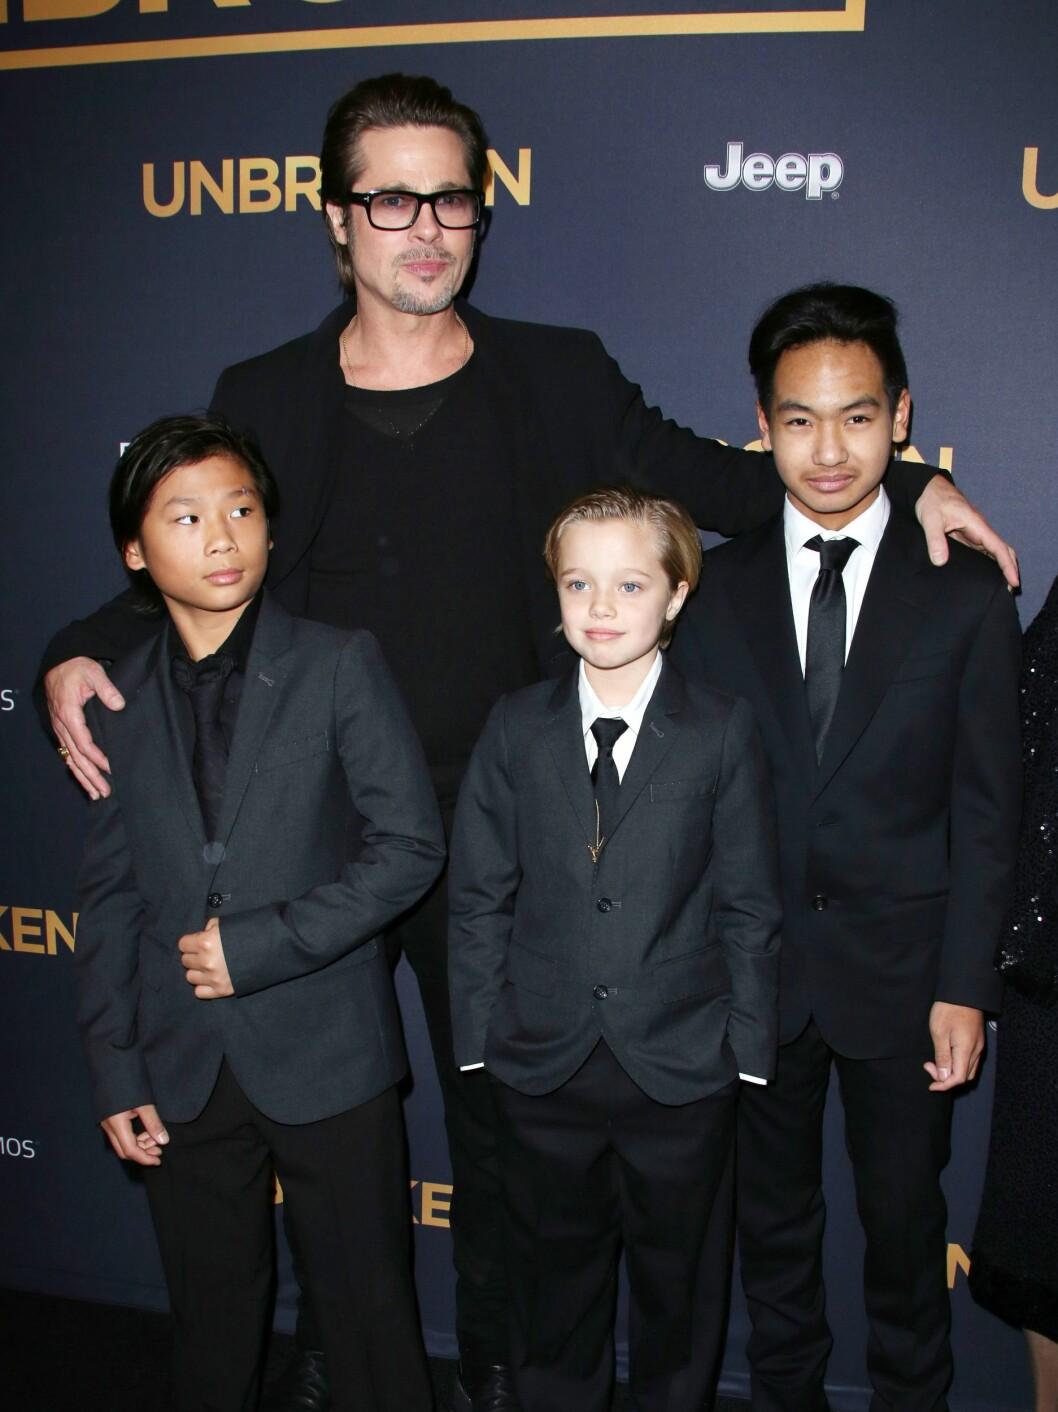 BRAD OG TRIO: Pitt hadde med seg barna Pax, Shiloh og Maddox på premieren til filmen Unbroken denne uken. Foto: All Over Press